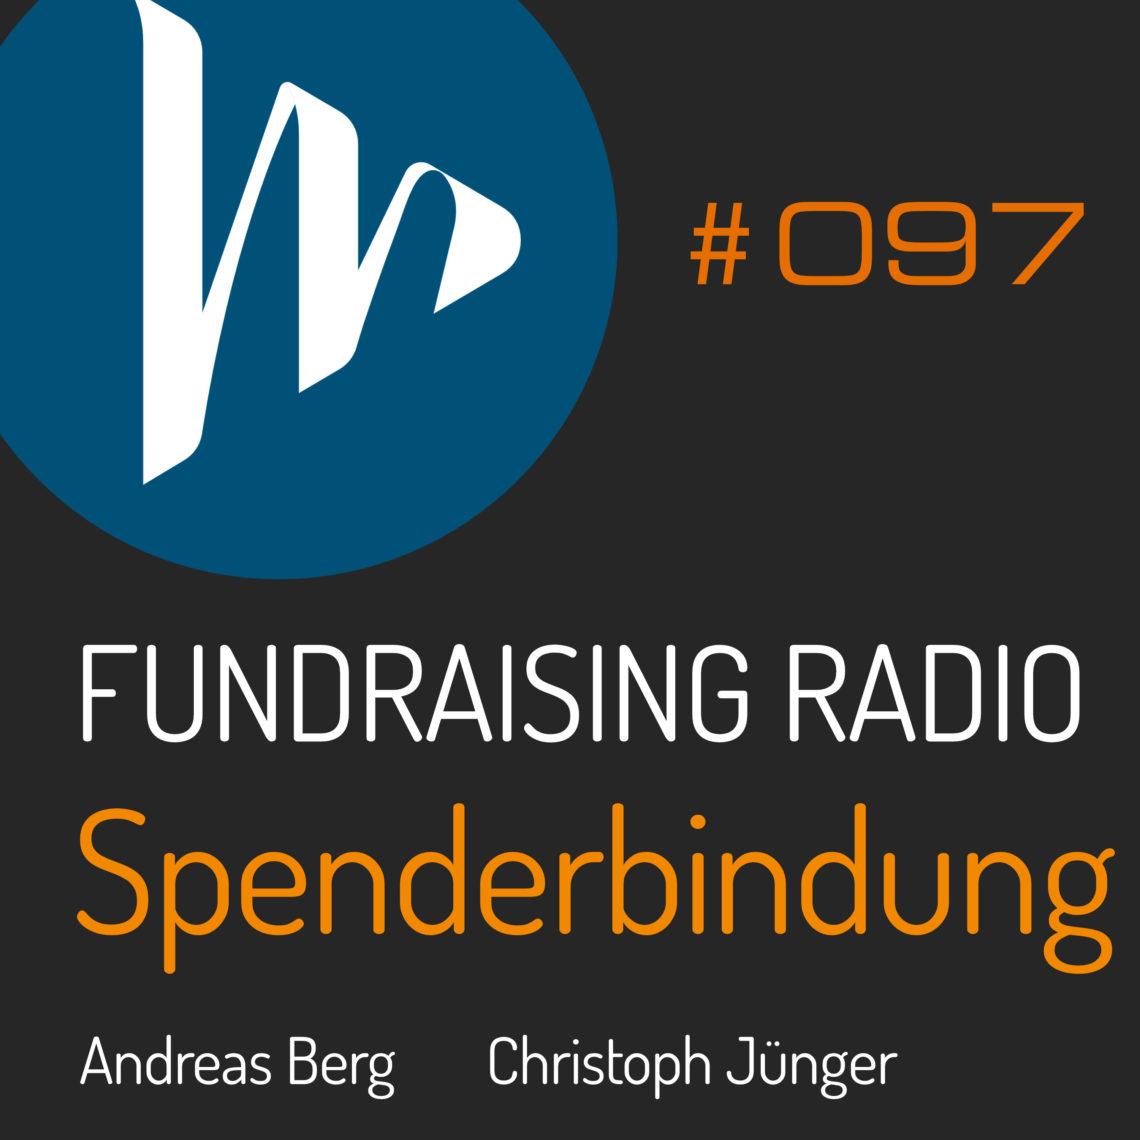 FRR097 Spenderbindung